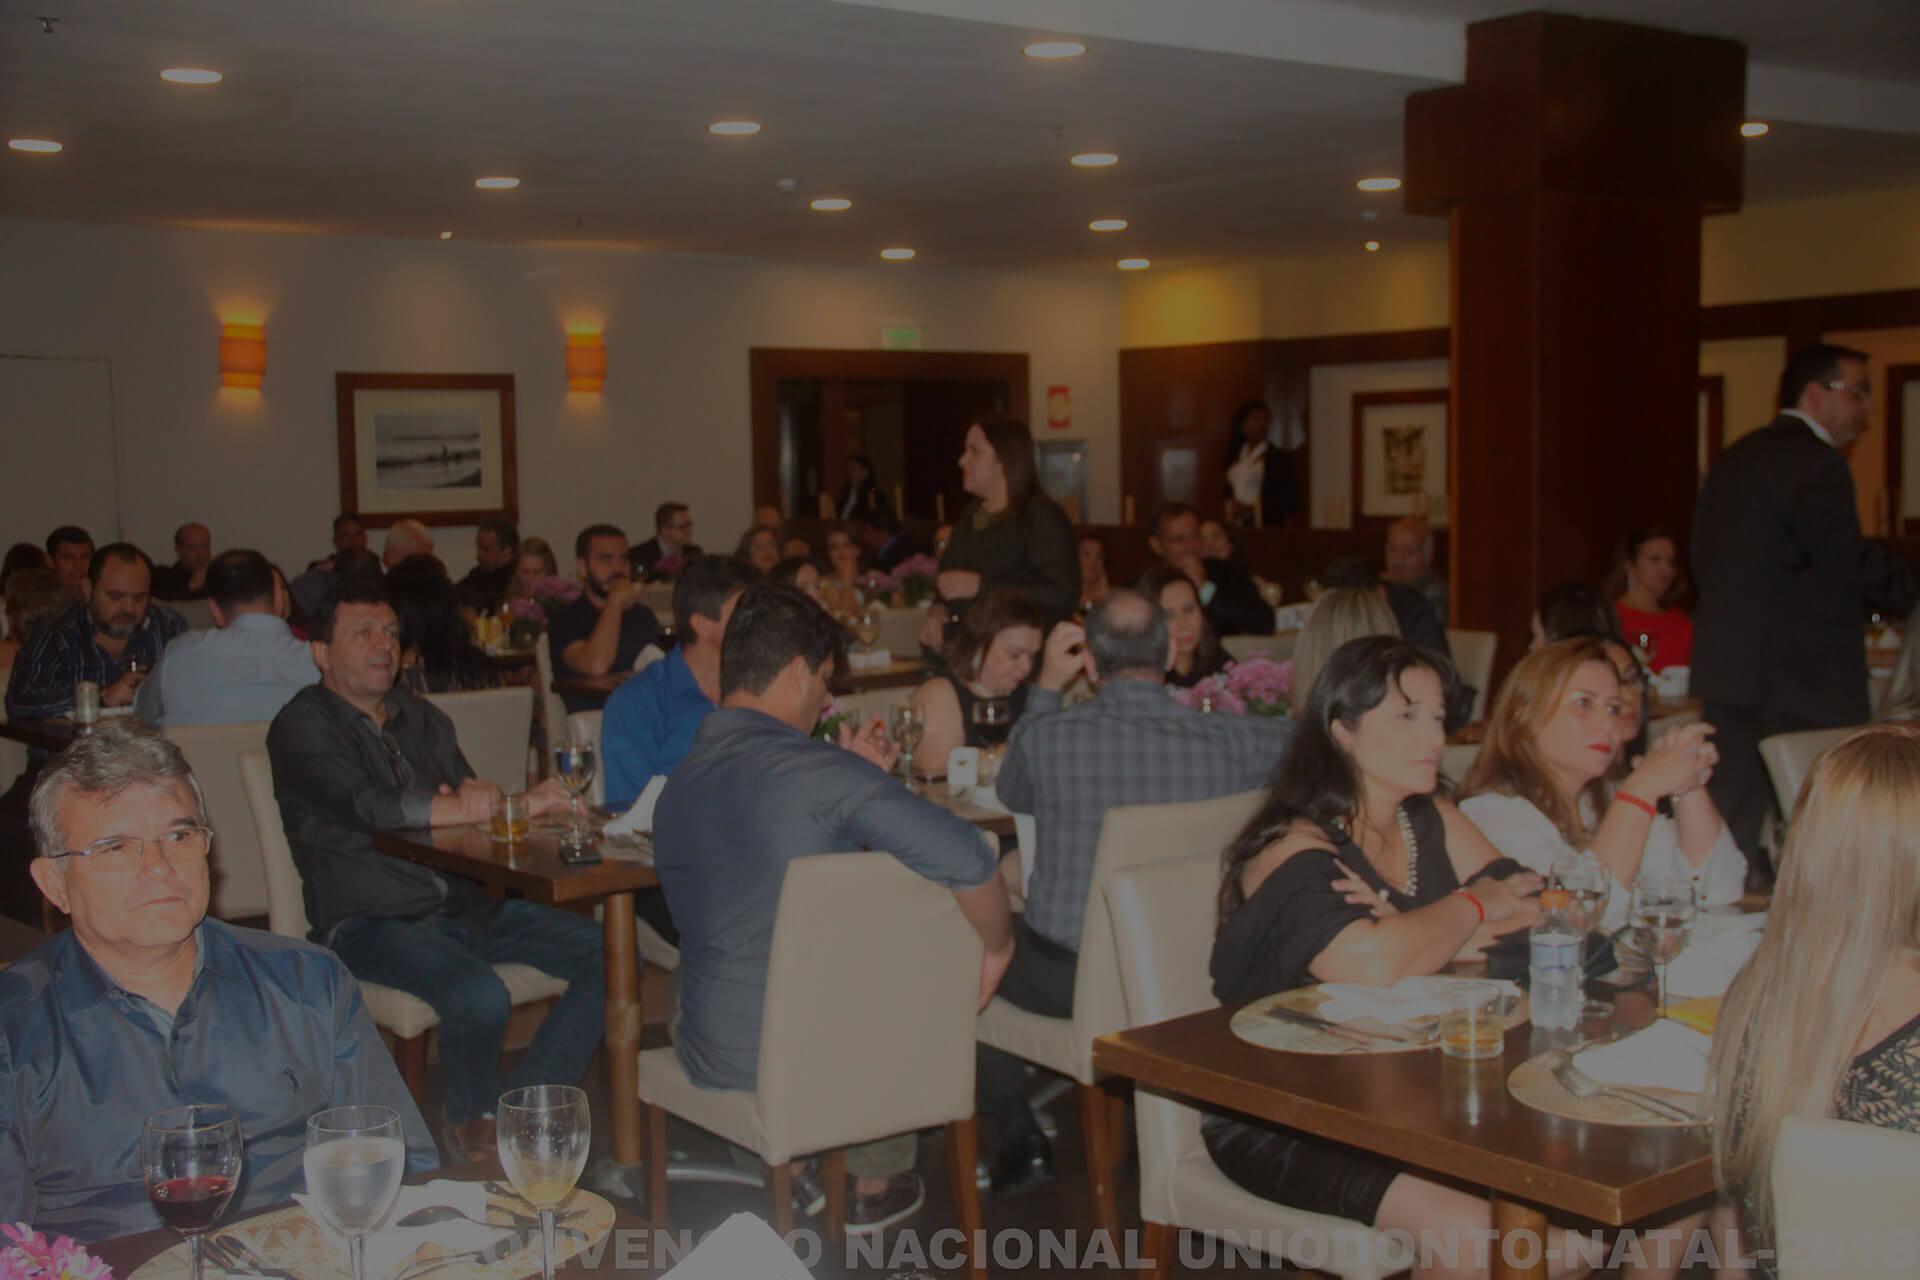 Uniodonto do Brasil recebe convencionais com show e  jantar de boas-vindas